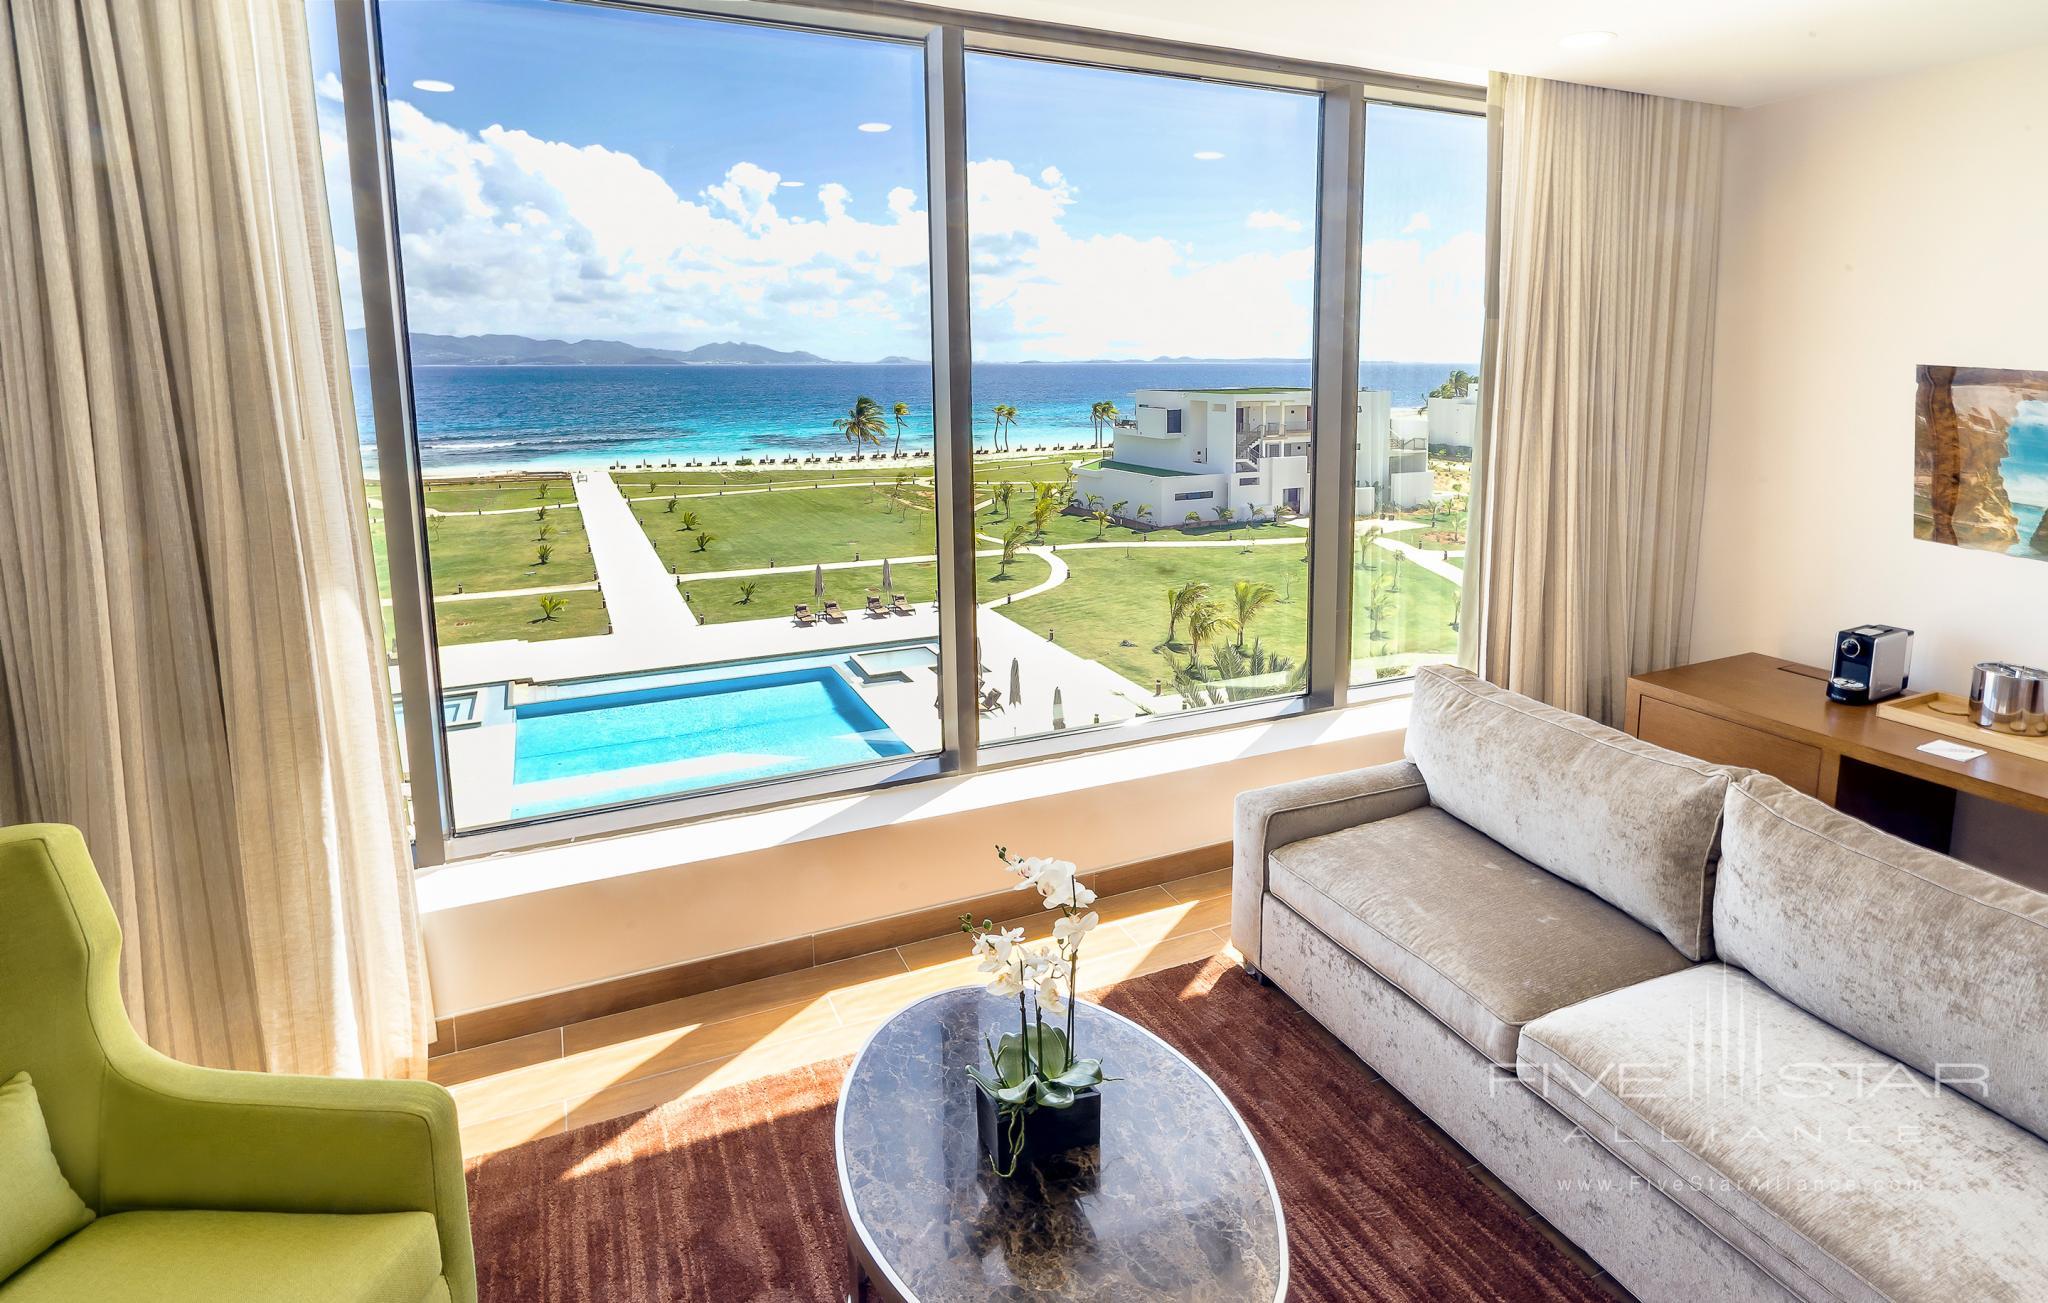 Main Building Suite View at Aurora Anguilla